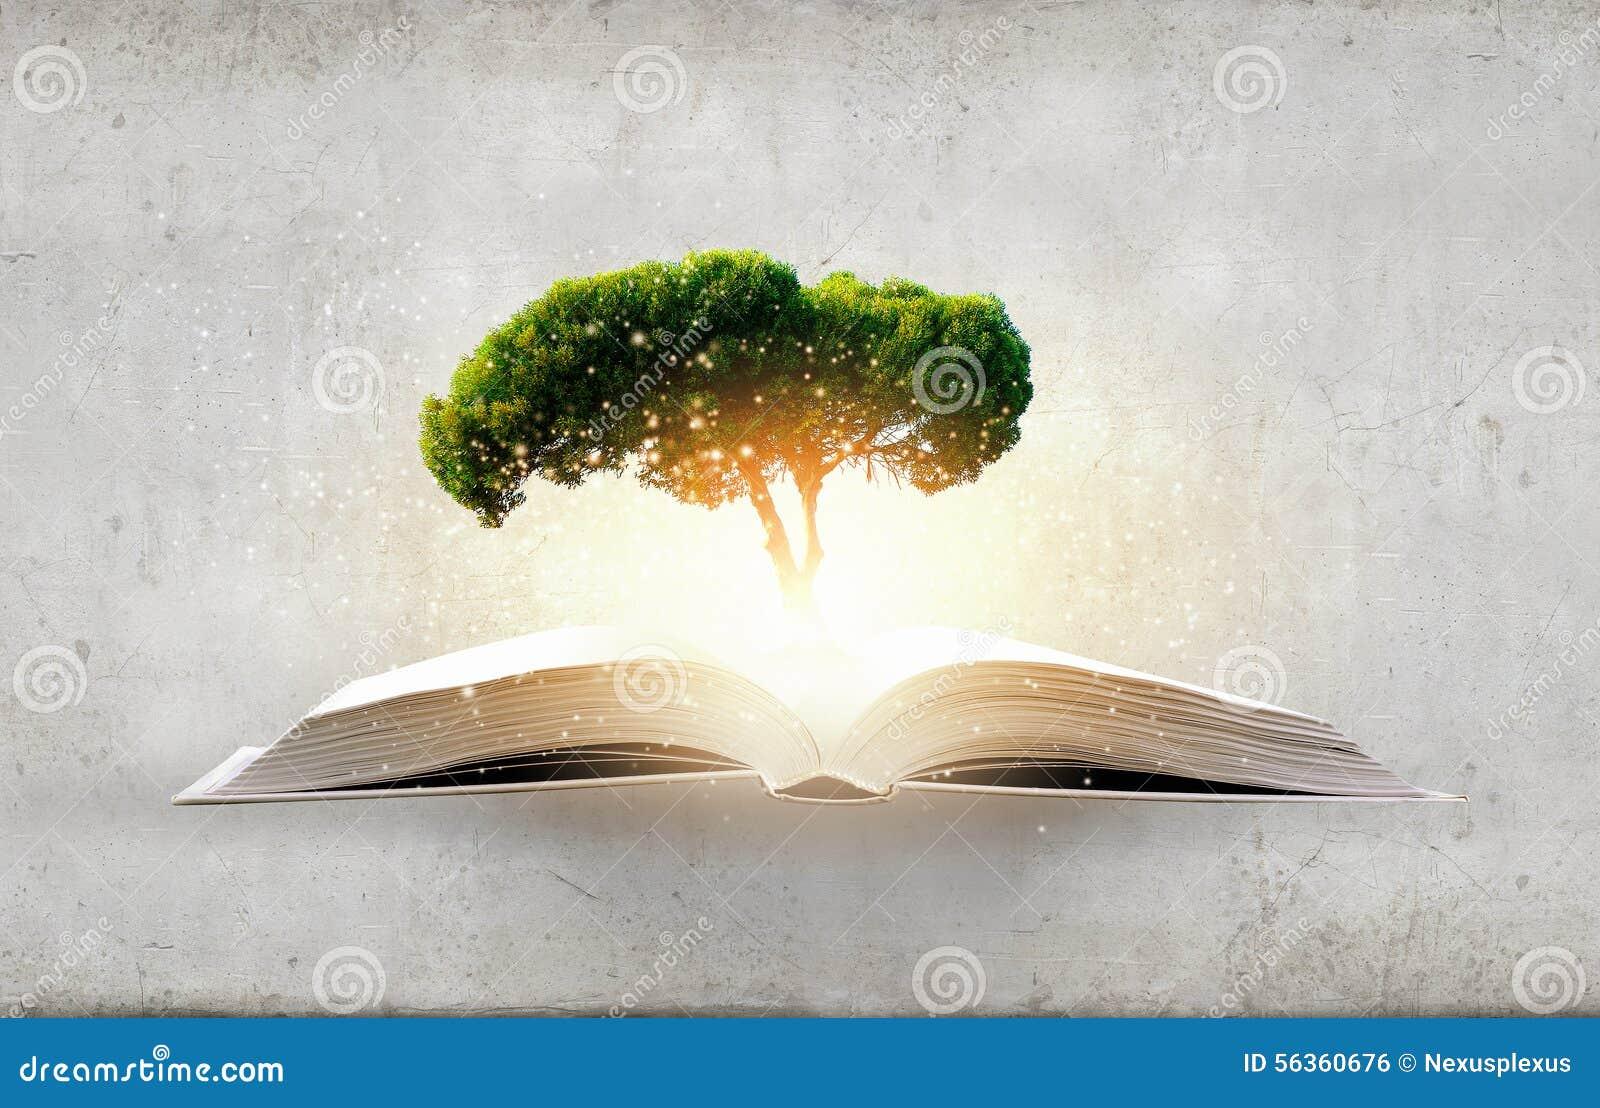 Η ανάγνωση αναπτύσσει τη φαντασία